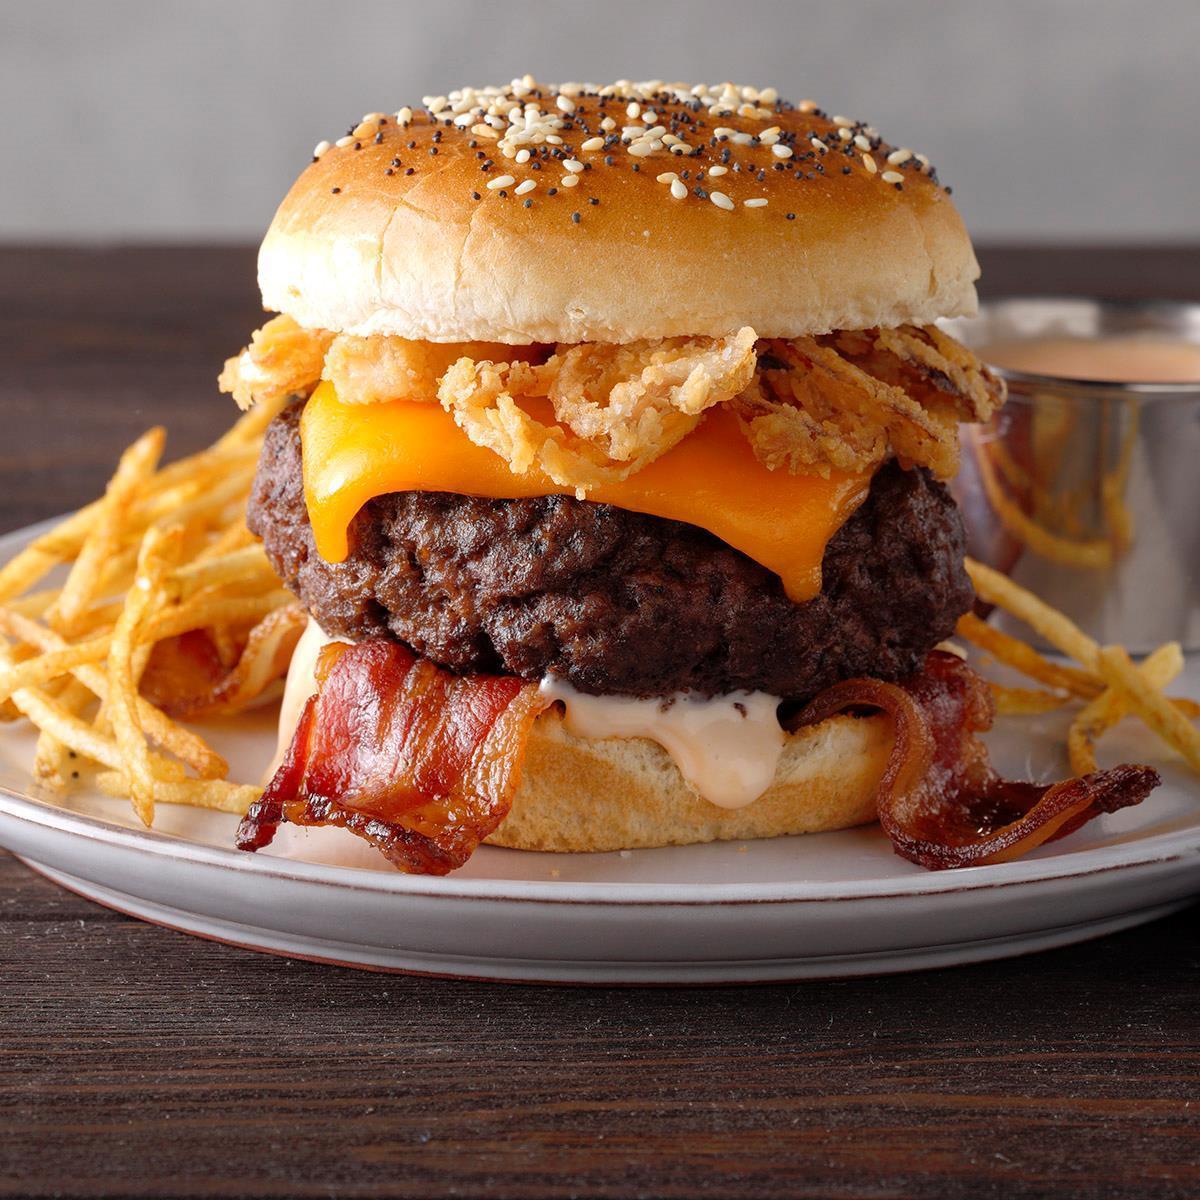 Receta de hamburguesas con queso y tocino Air-Fryer | Sabor de casa